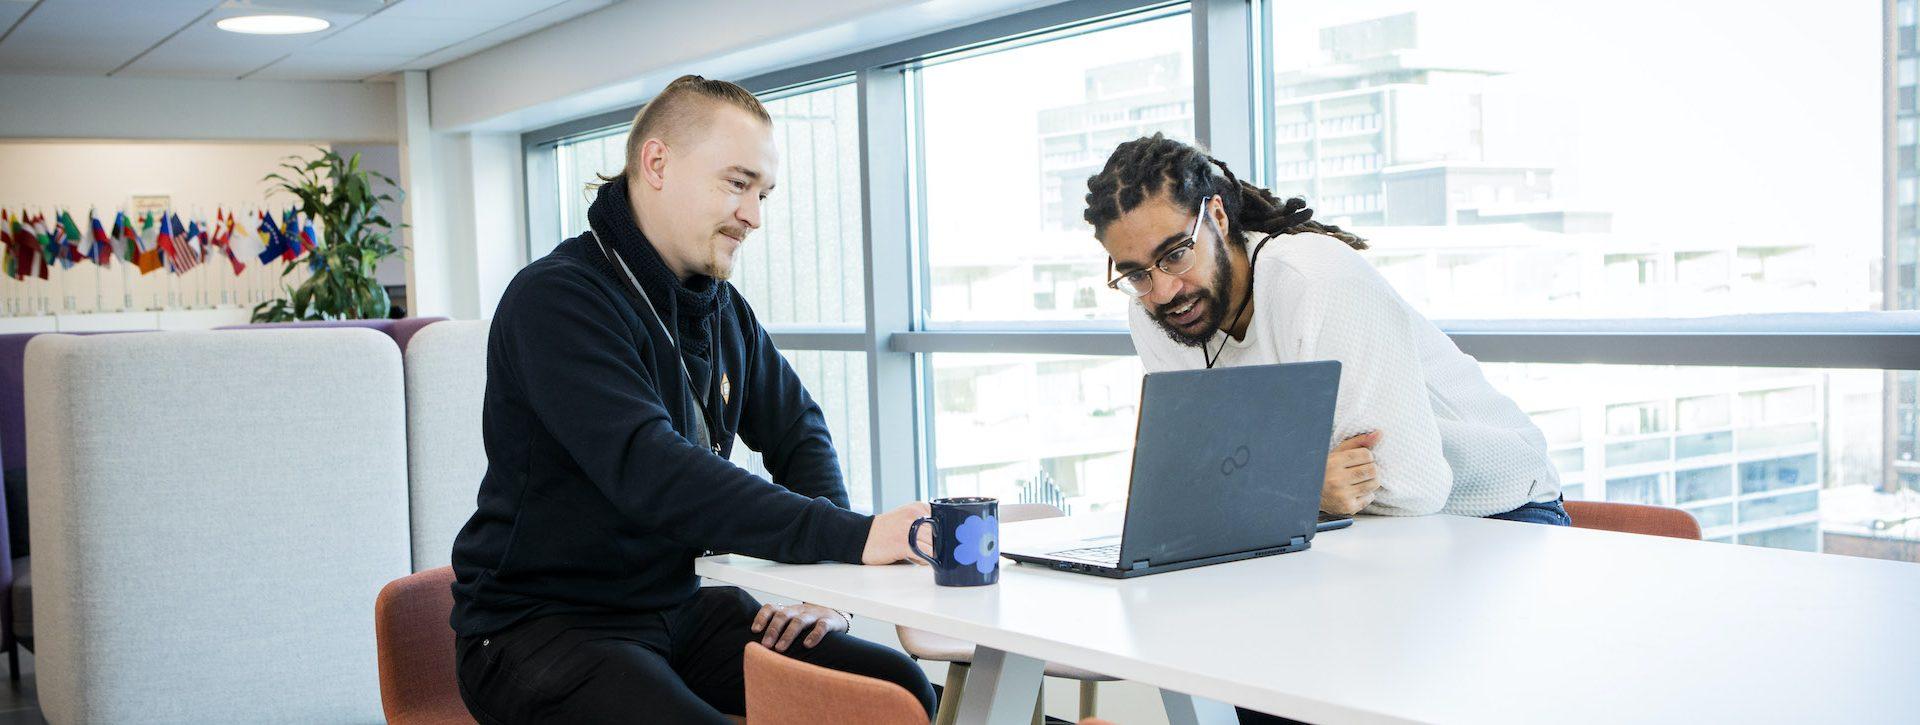 Maahanmuuttoviraston uusi Tellus-järjestelmä on tuonut Tomi Jääskeläisen (vas.) ja Daniel Grantin arkeen väljyyttä vähentämällä rutiininomaisia työtehtäviä.